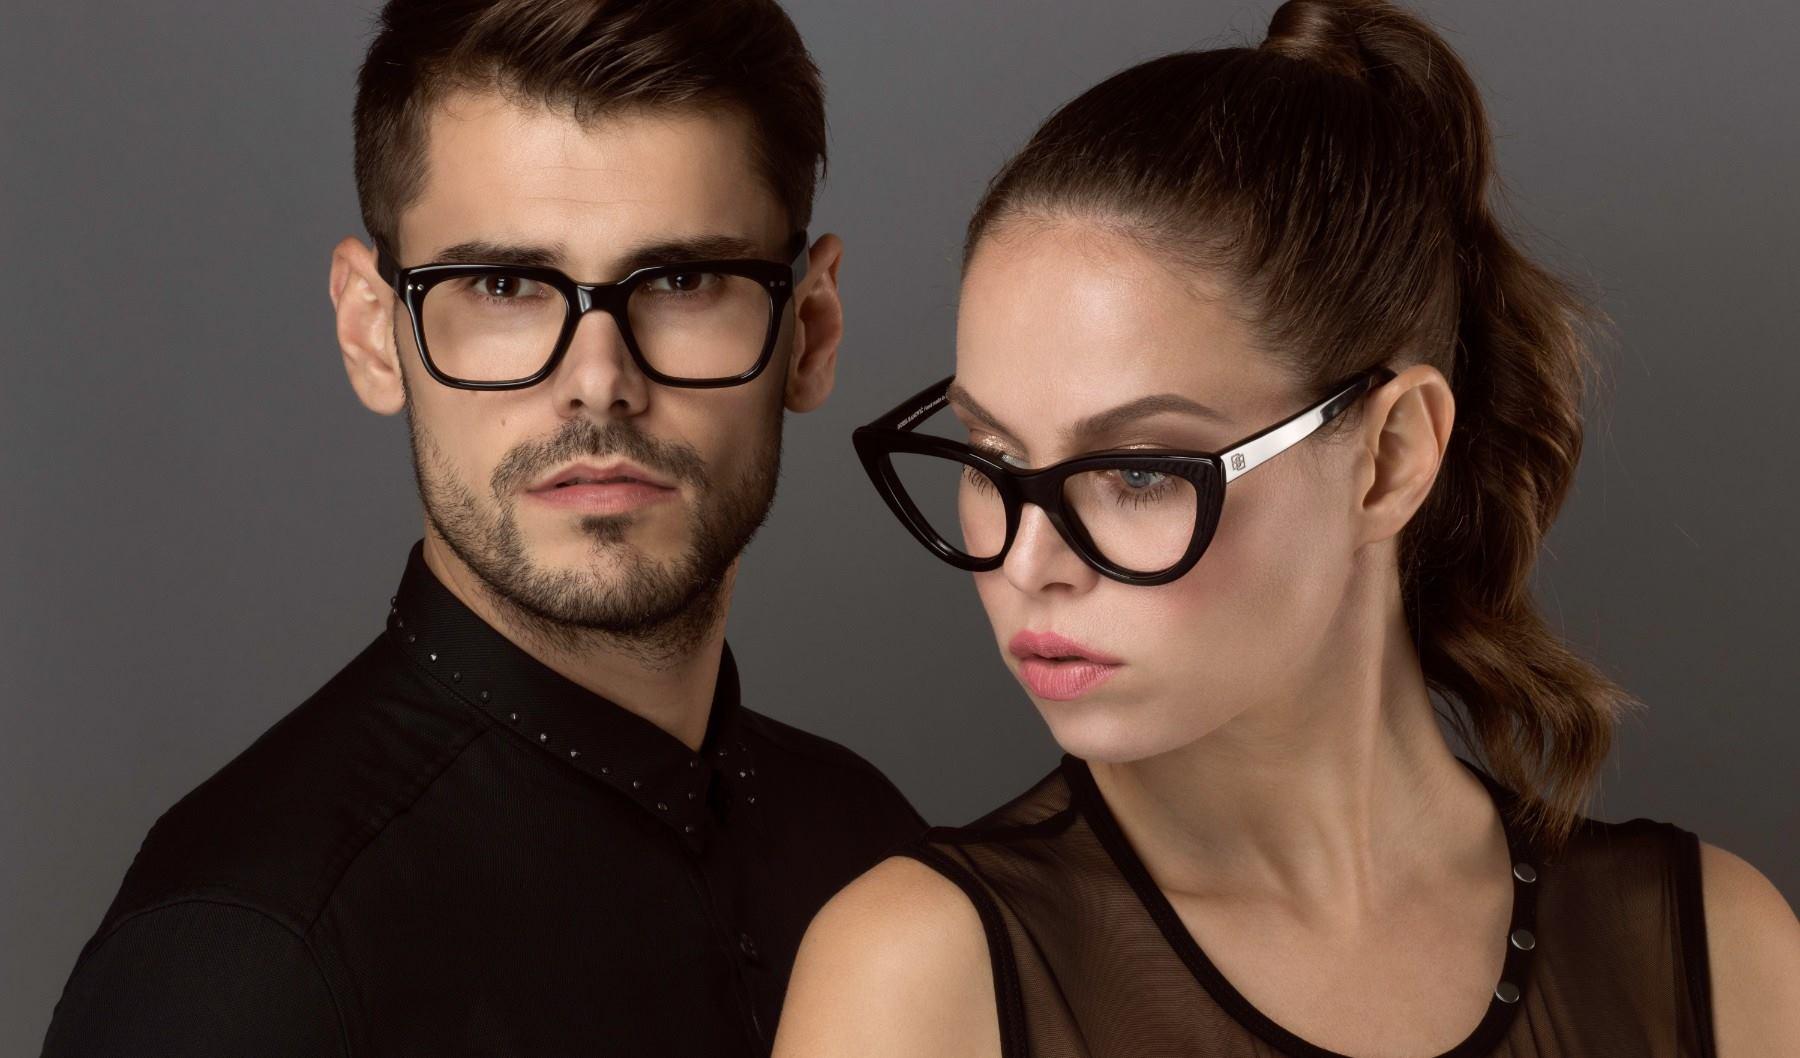 FOTO: Mia Kovačić i Marko Tkalčević u kampanji za Boris Banović Eyewear